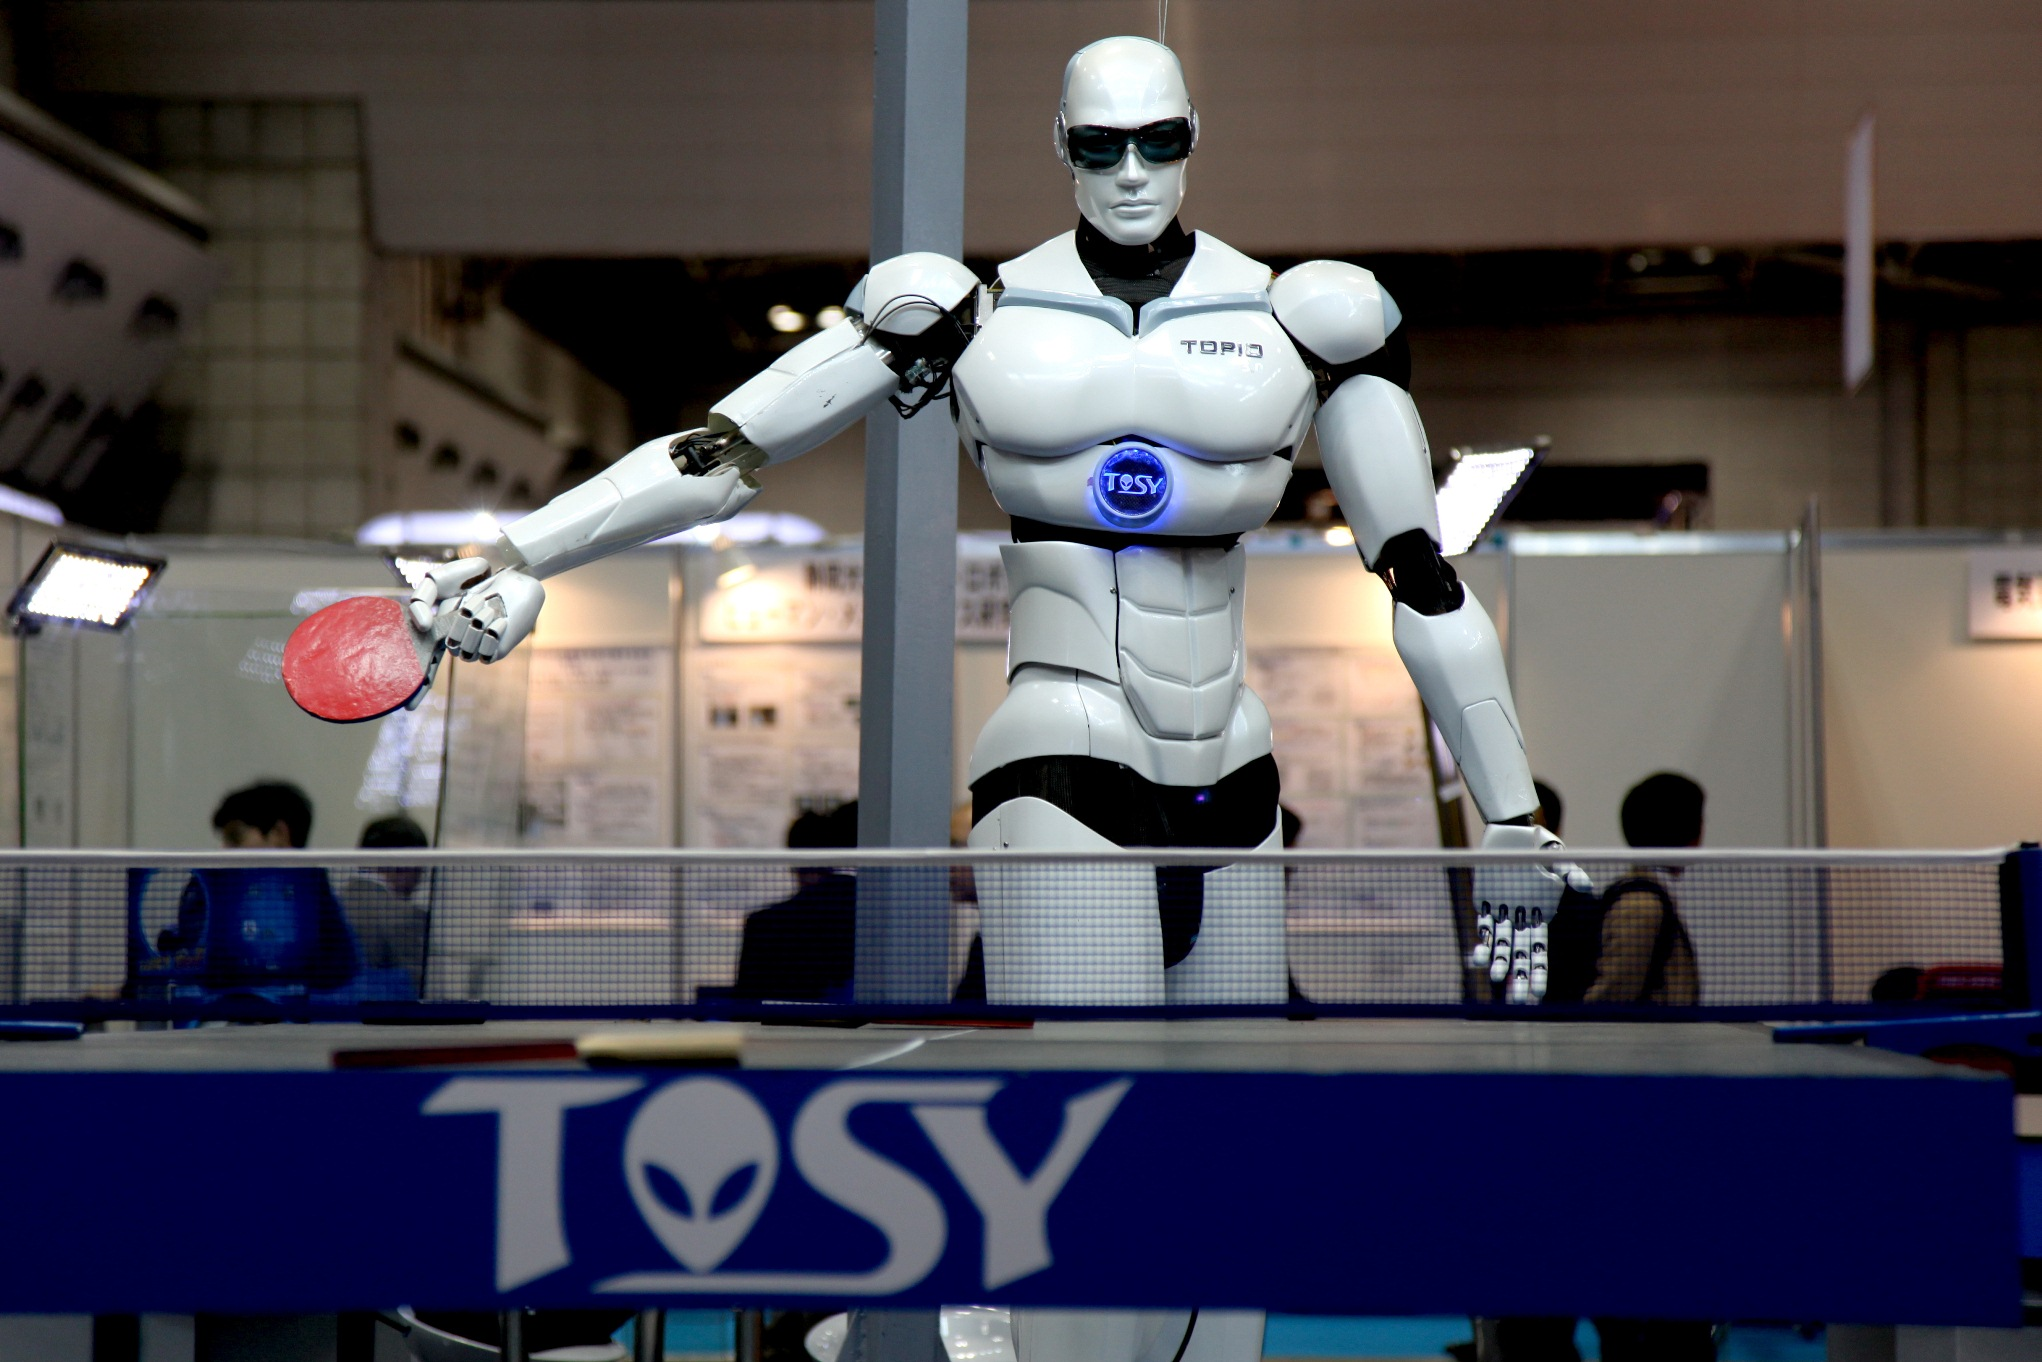 [Sondage] Robot humanoïde, fiction ou réalité ?